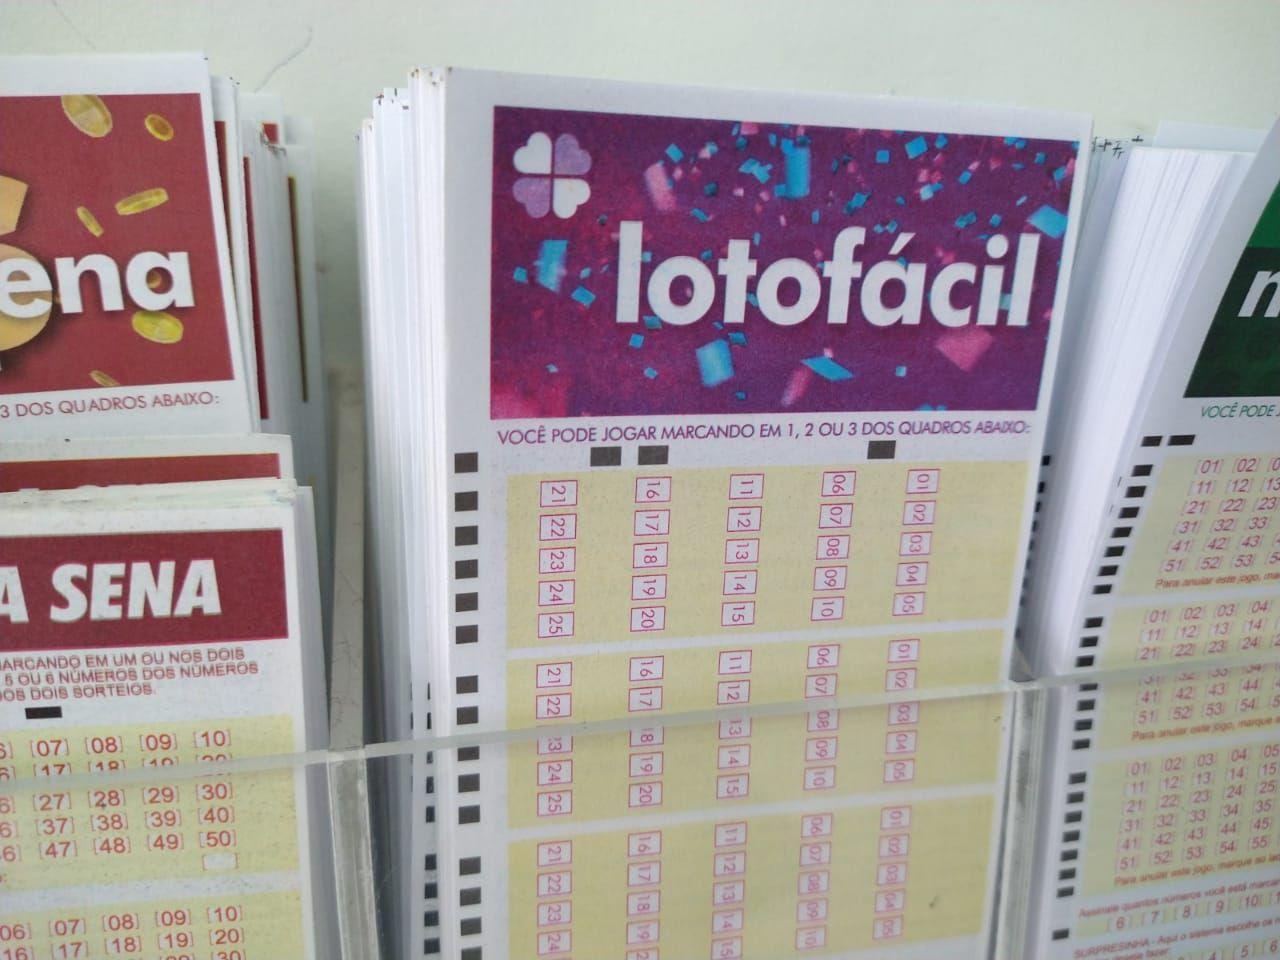 lotofacil concurso 2071 - a imagem mostra um bloco de volantes da modalidade dentro de uma caixa transparente presa na parede